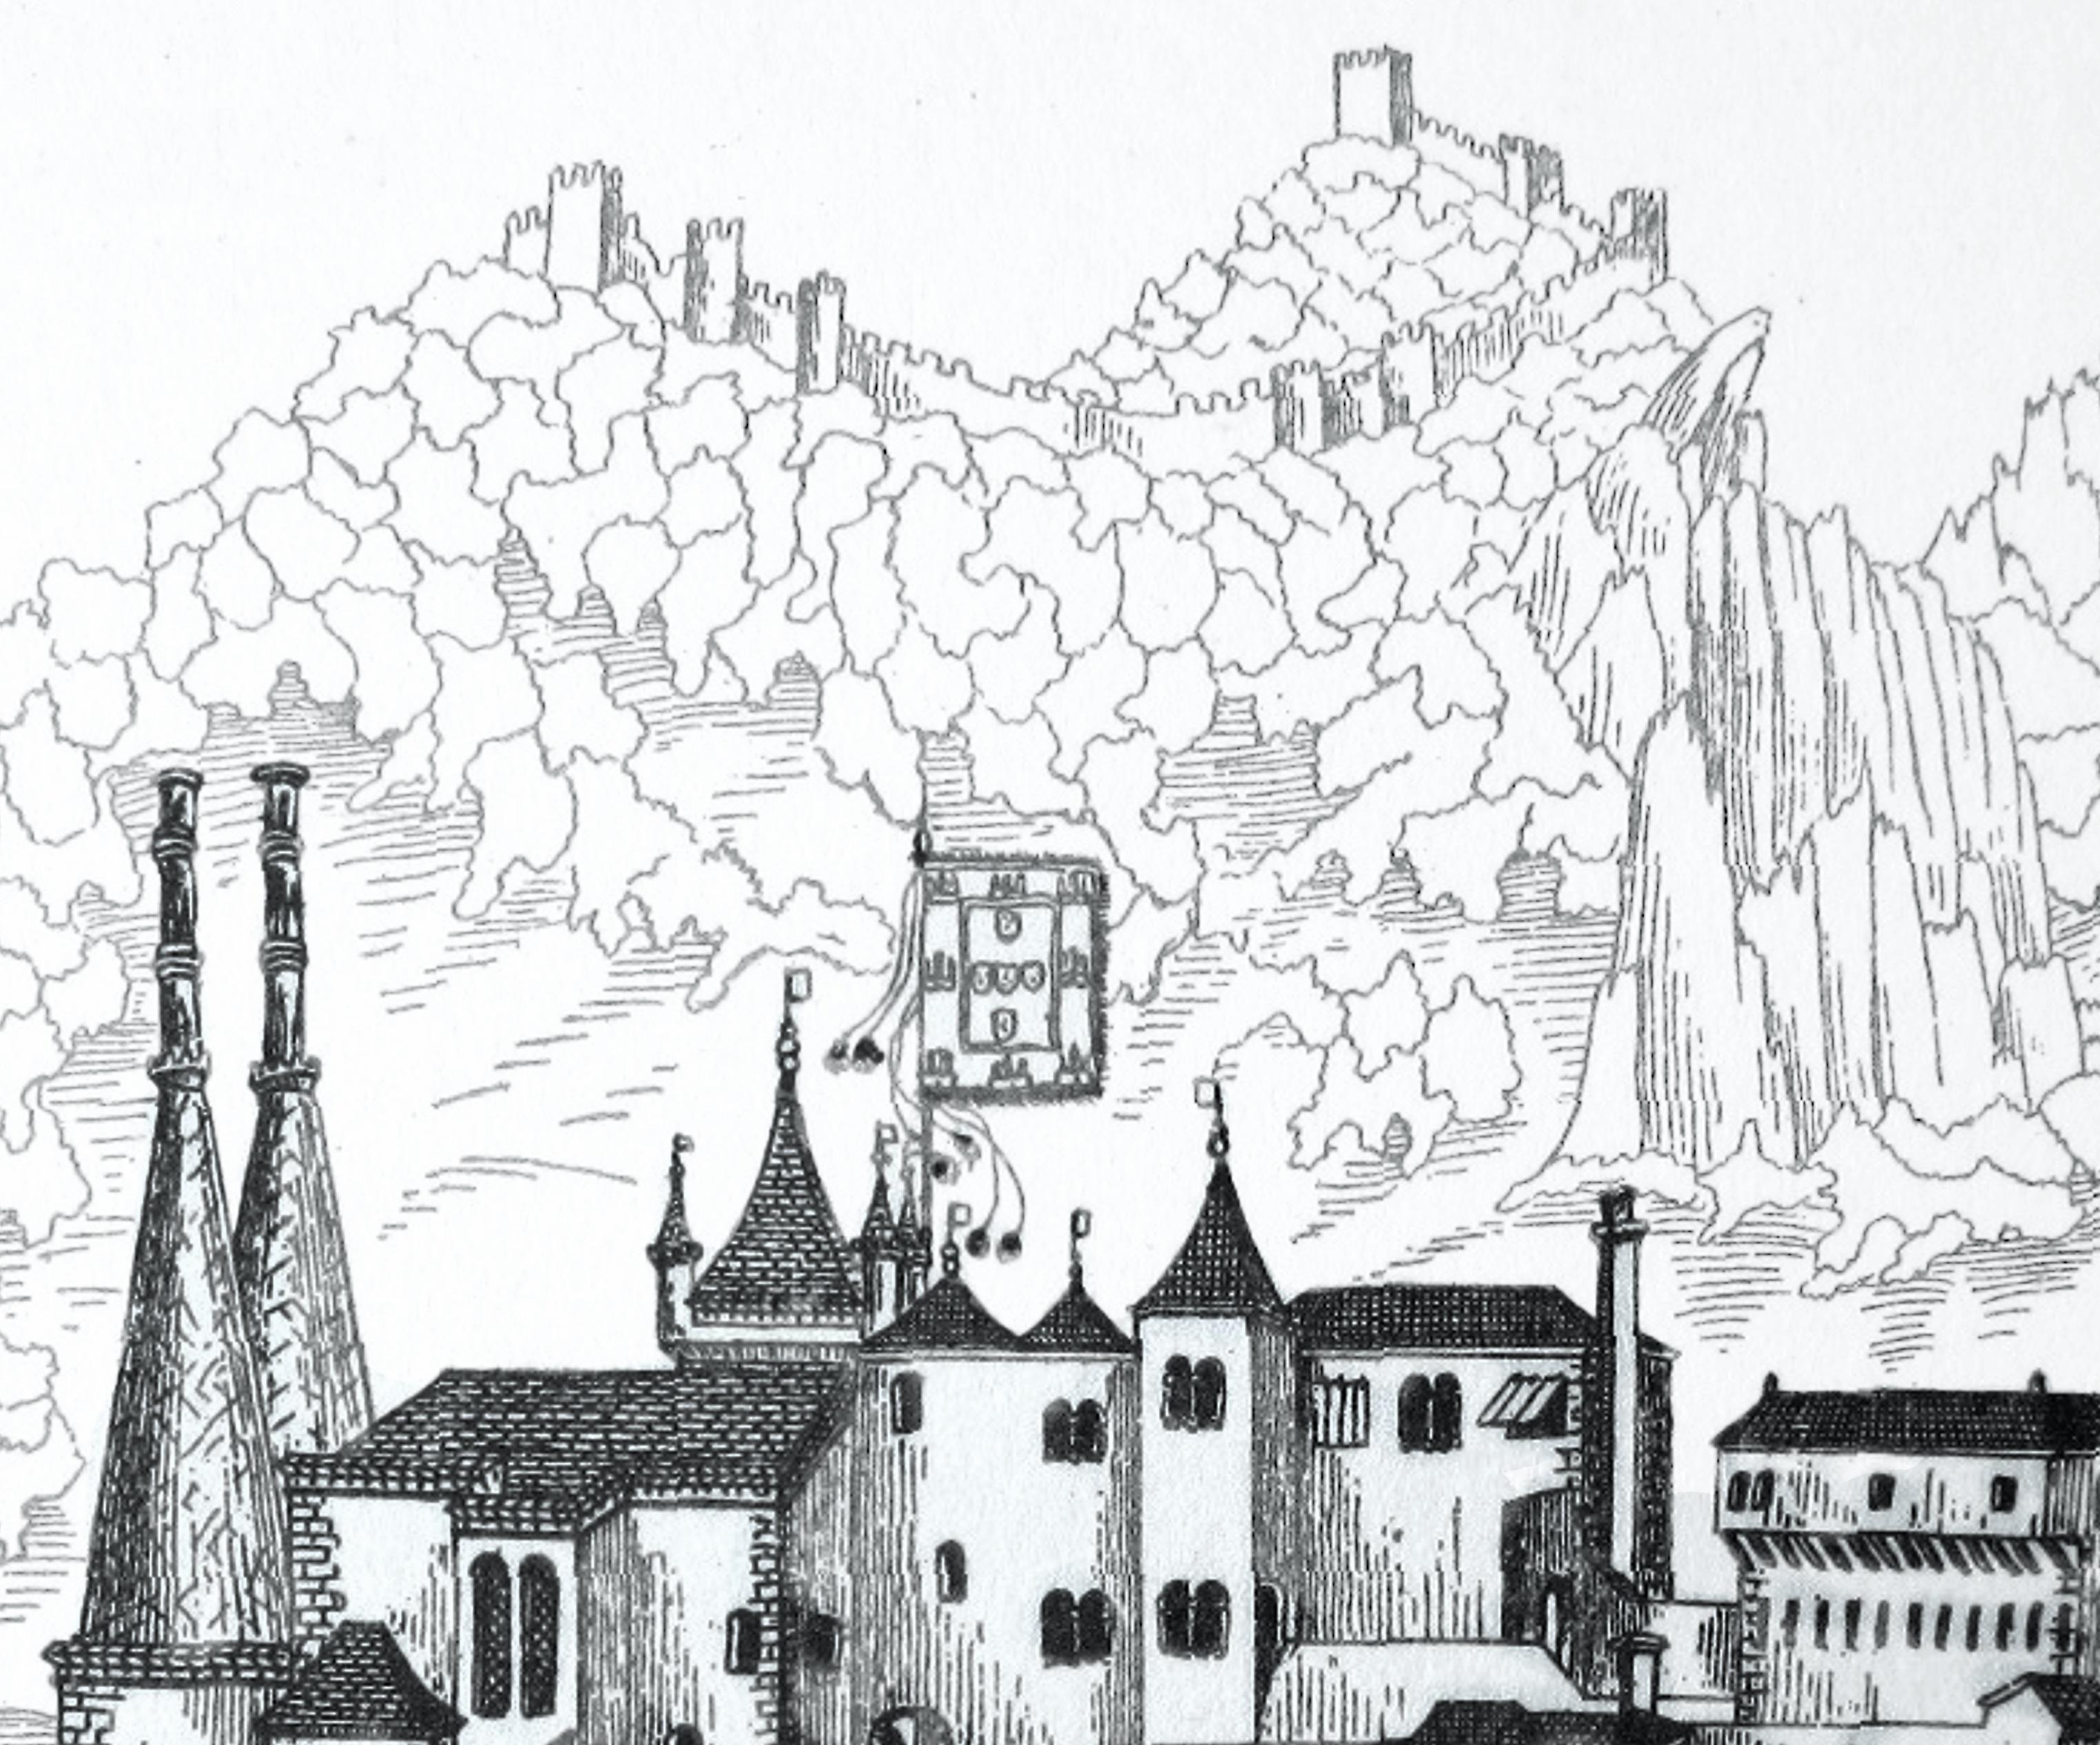 O Palácio da Vila no início dos anos de 1500, por Duarte d'Armas.